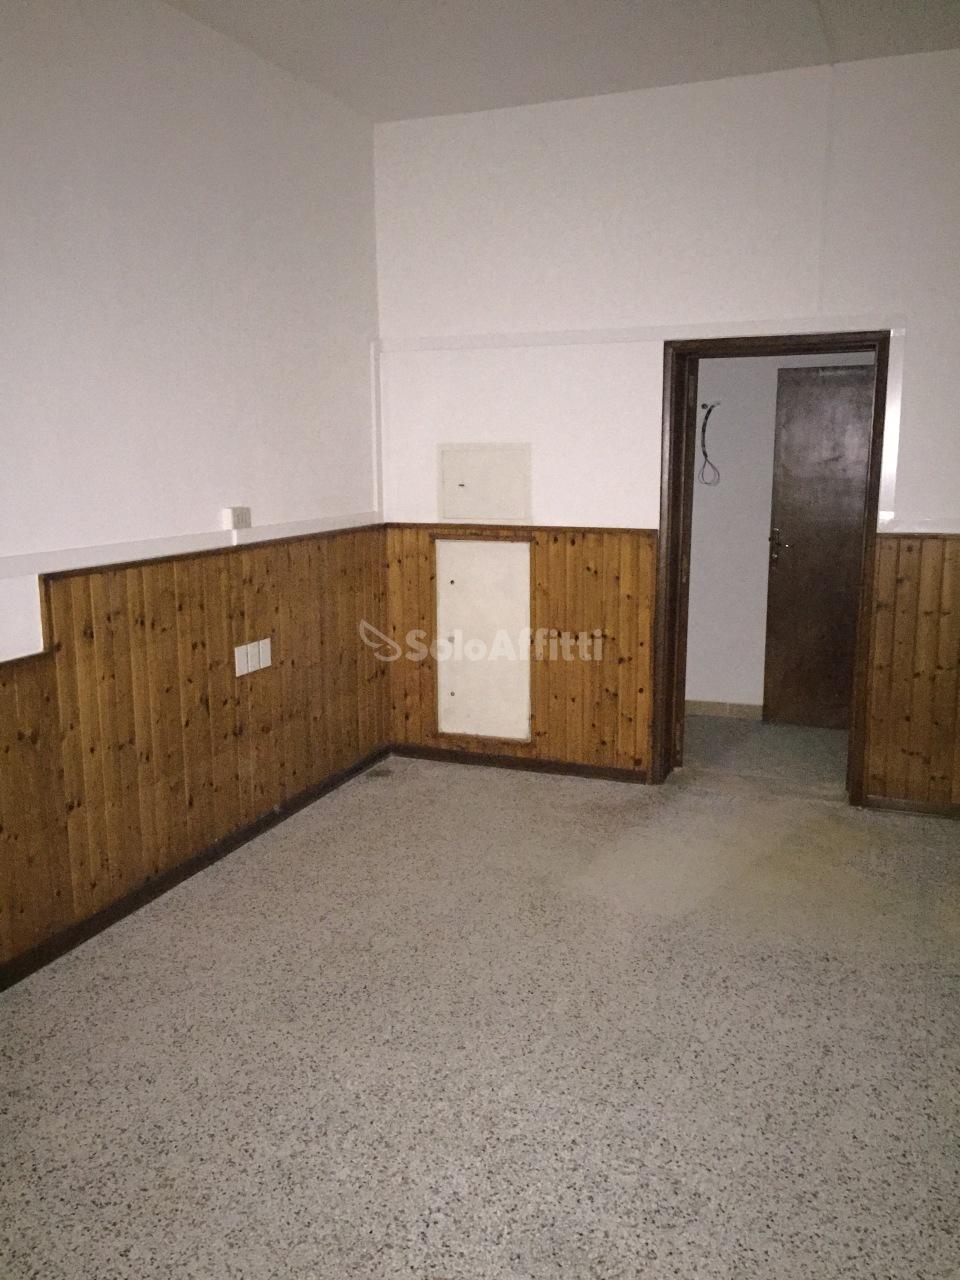 Ufficio - 1 locale a S. Gregorio, Ostra Rif. 8589349